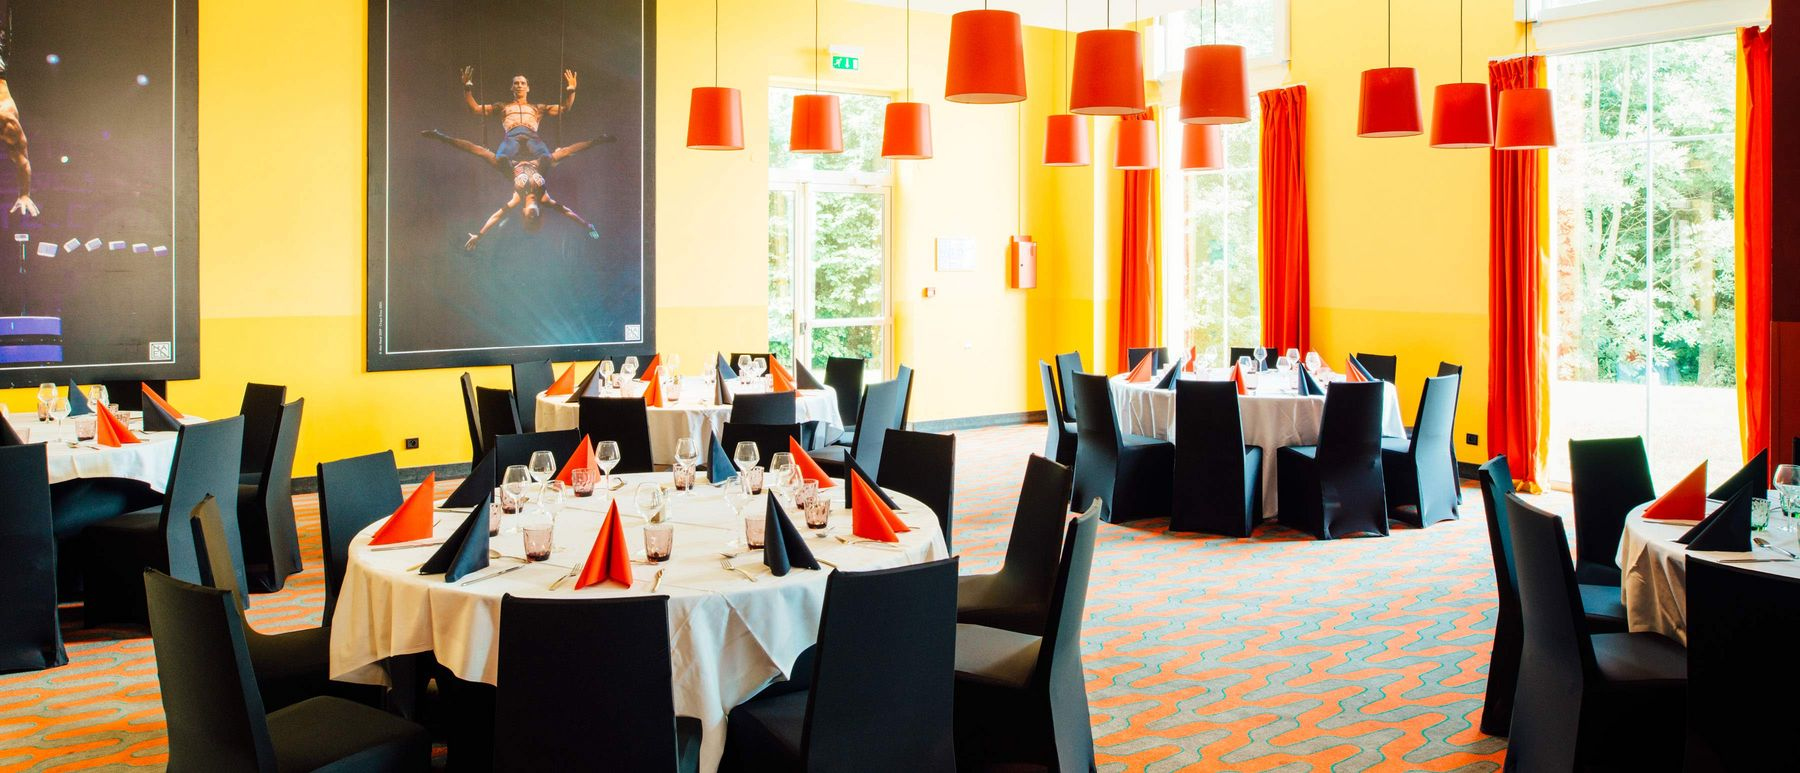 csm_magic-circus-paris-dinner-table-2_ae83be40a1.jpg